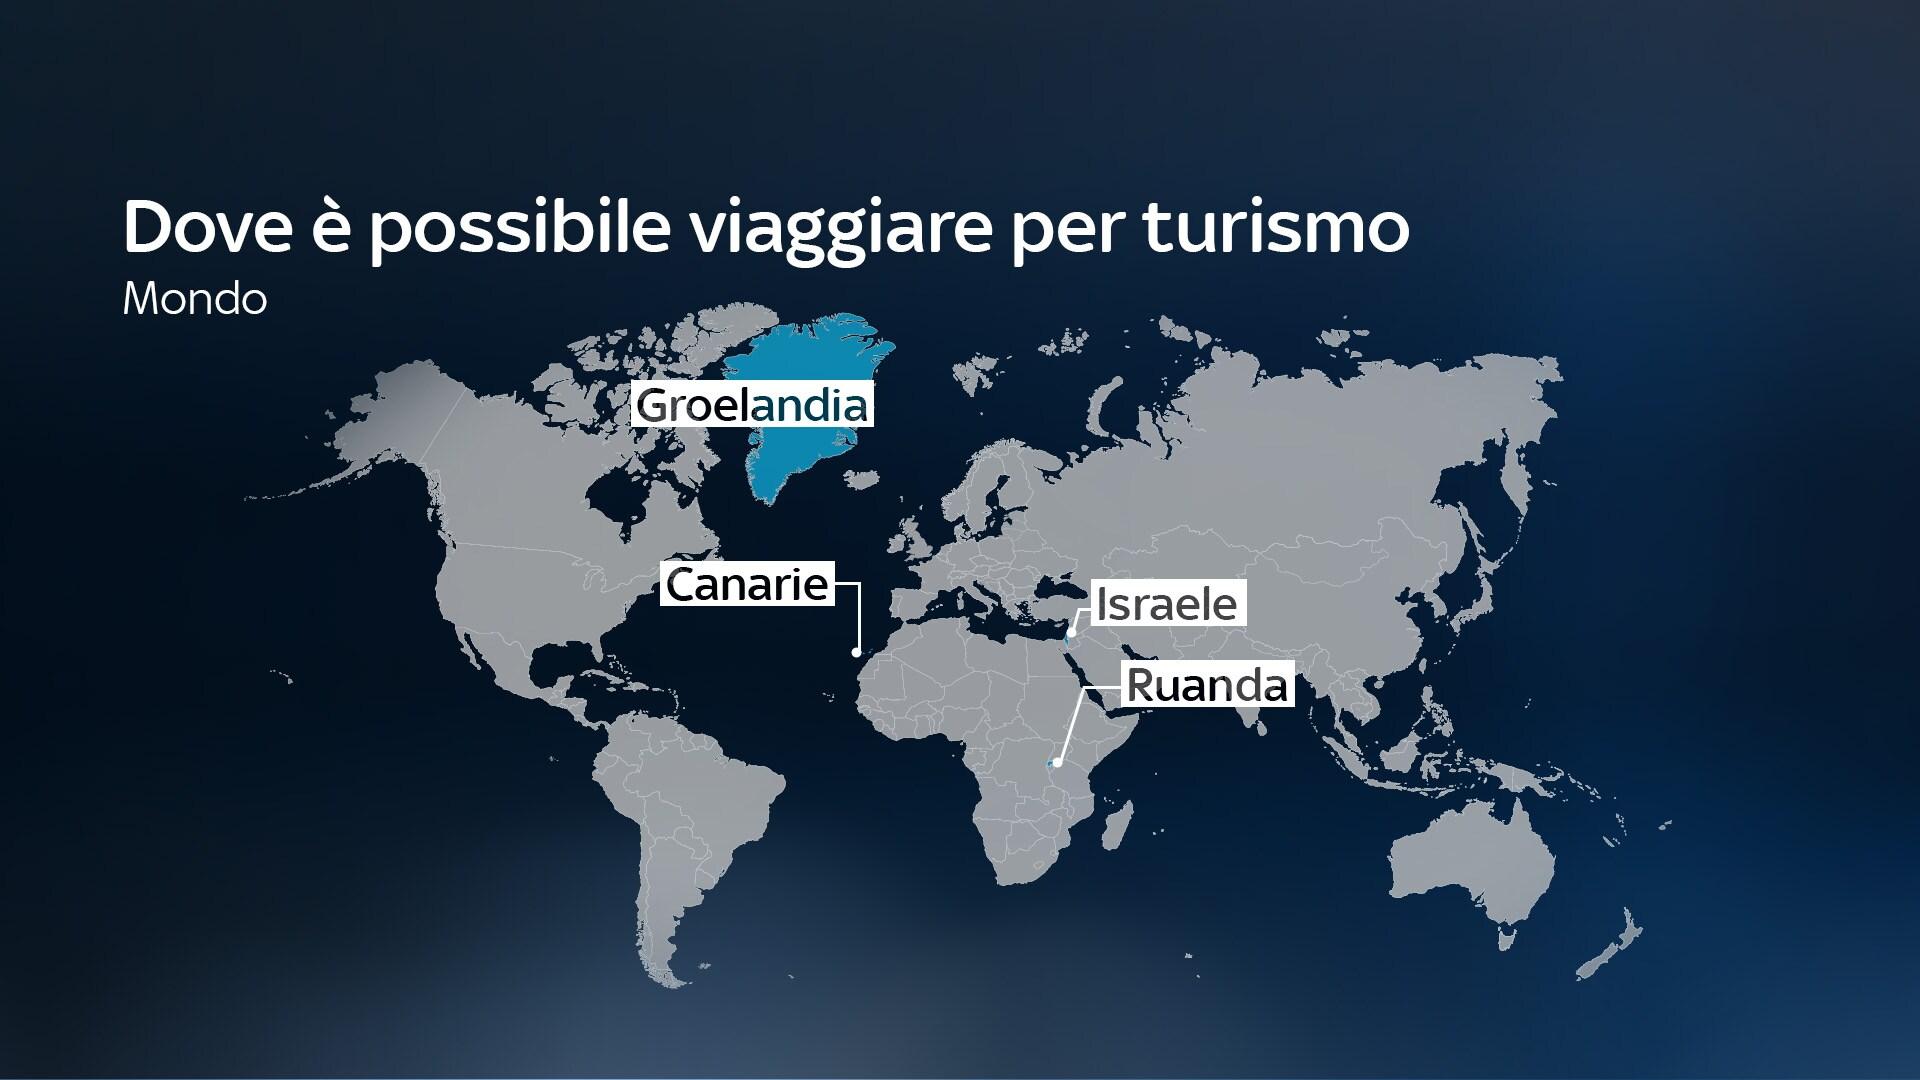 Nell'immagine una mappa del mondo con i Paesi dove è possibile andare per turismo